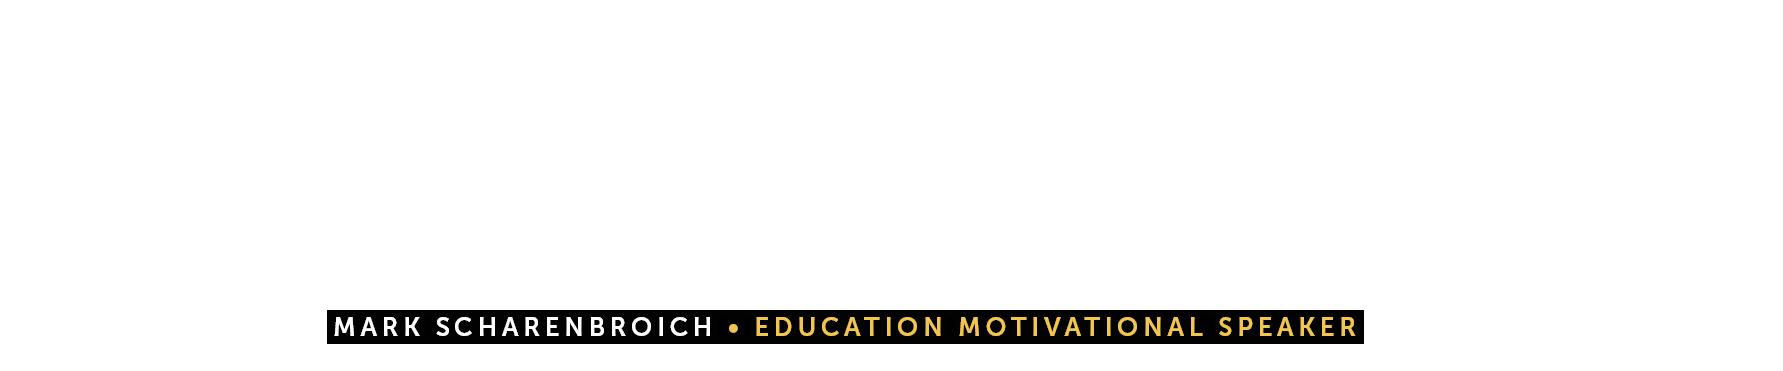 Mark Scharenbroich, education motivational speaker